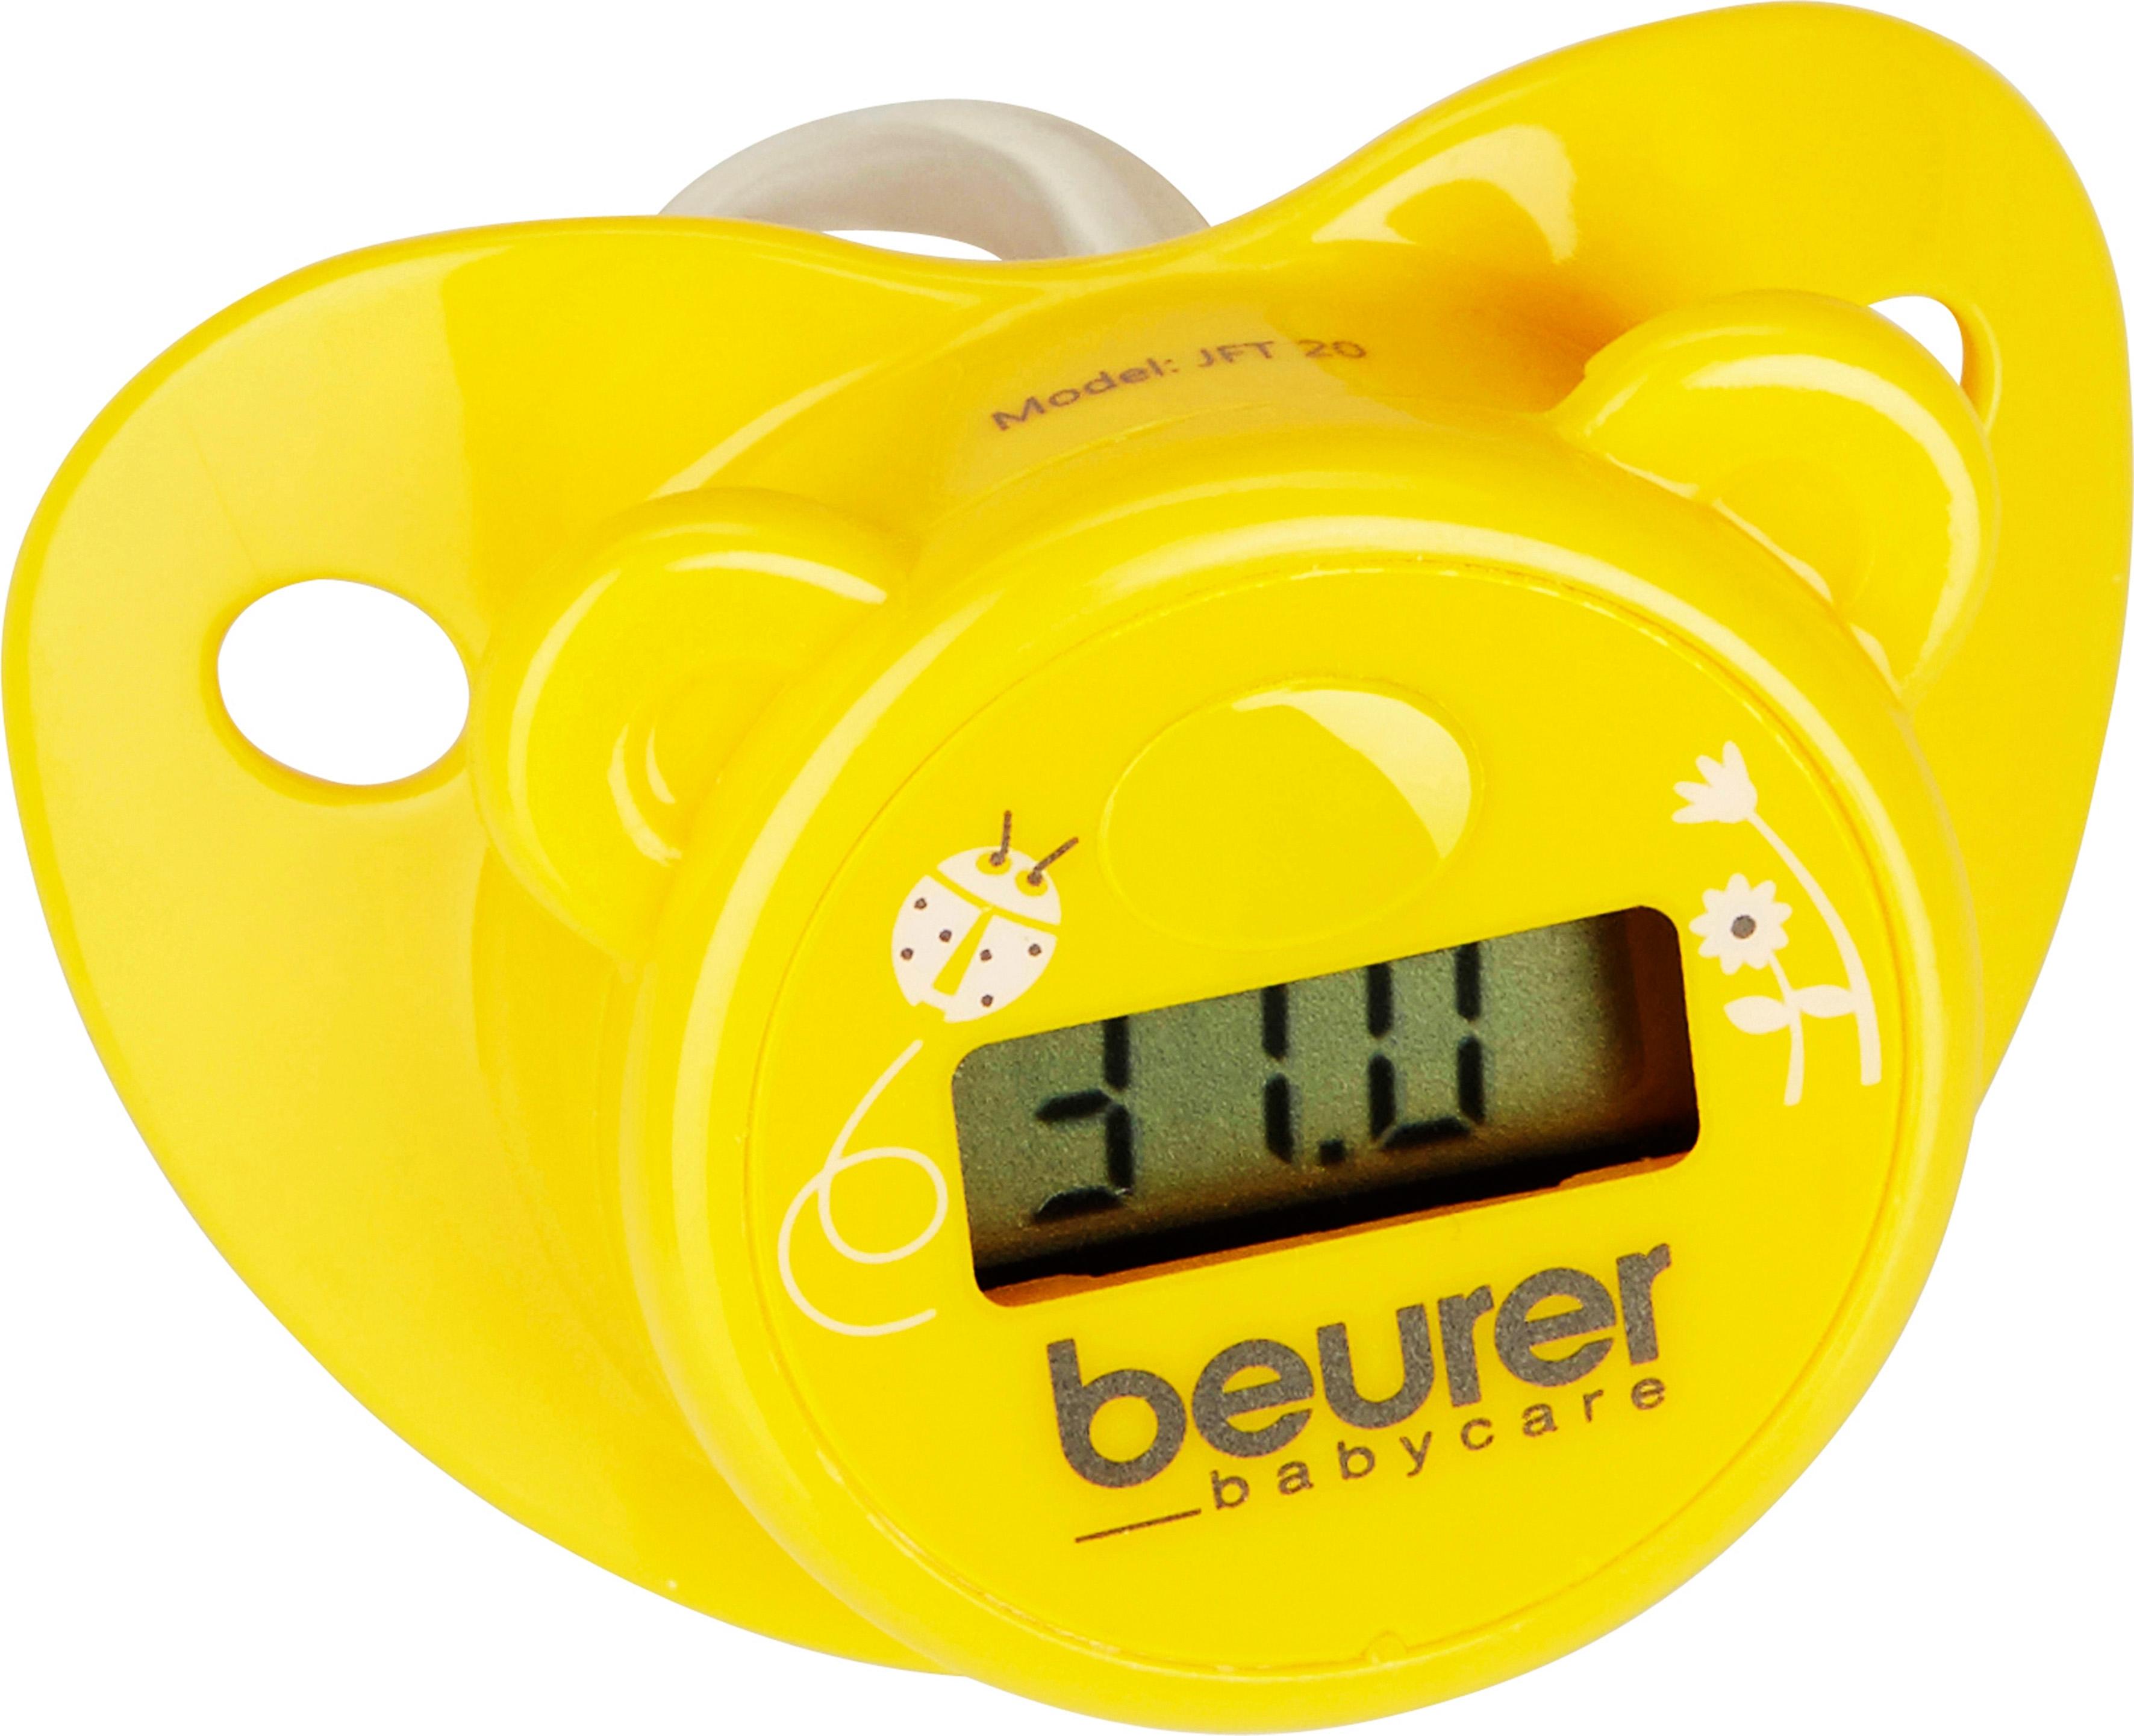 Beurer speenthermometer, BY 20 goedkoop op otto.nl kopen